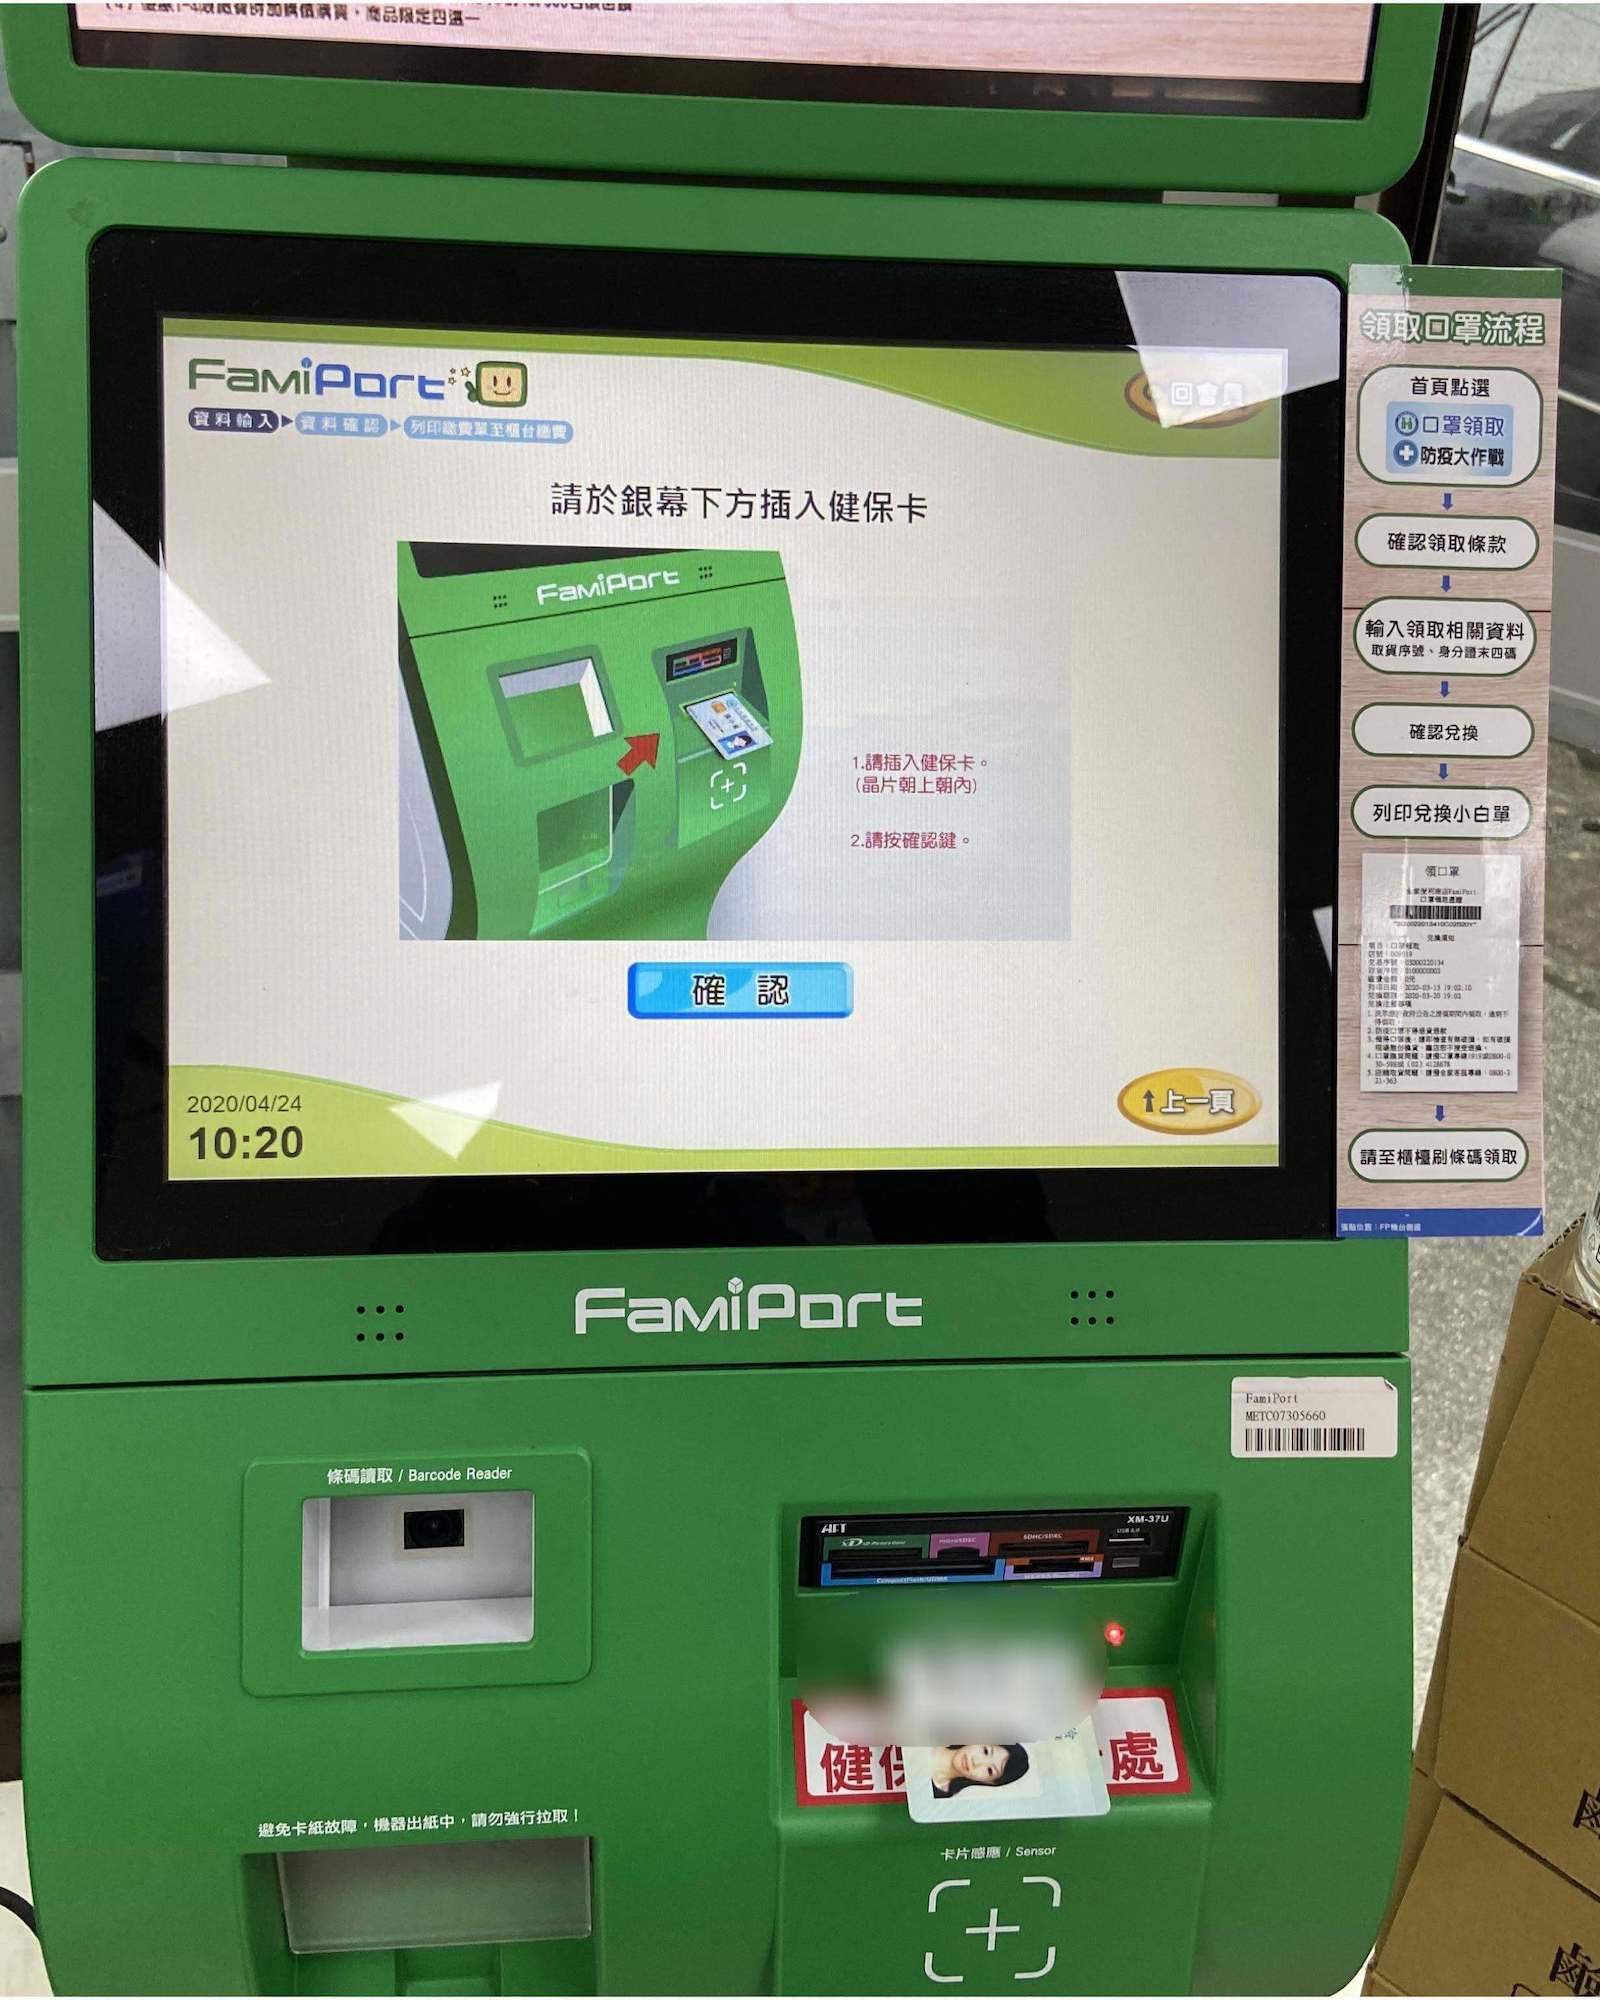 【台湾のコロナウイルス状況・対策】コンビニのマスク購入予約:4.保険証を差込み、確認ボタンを押す。